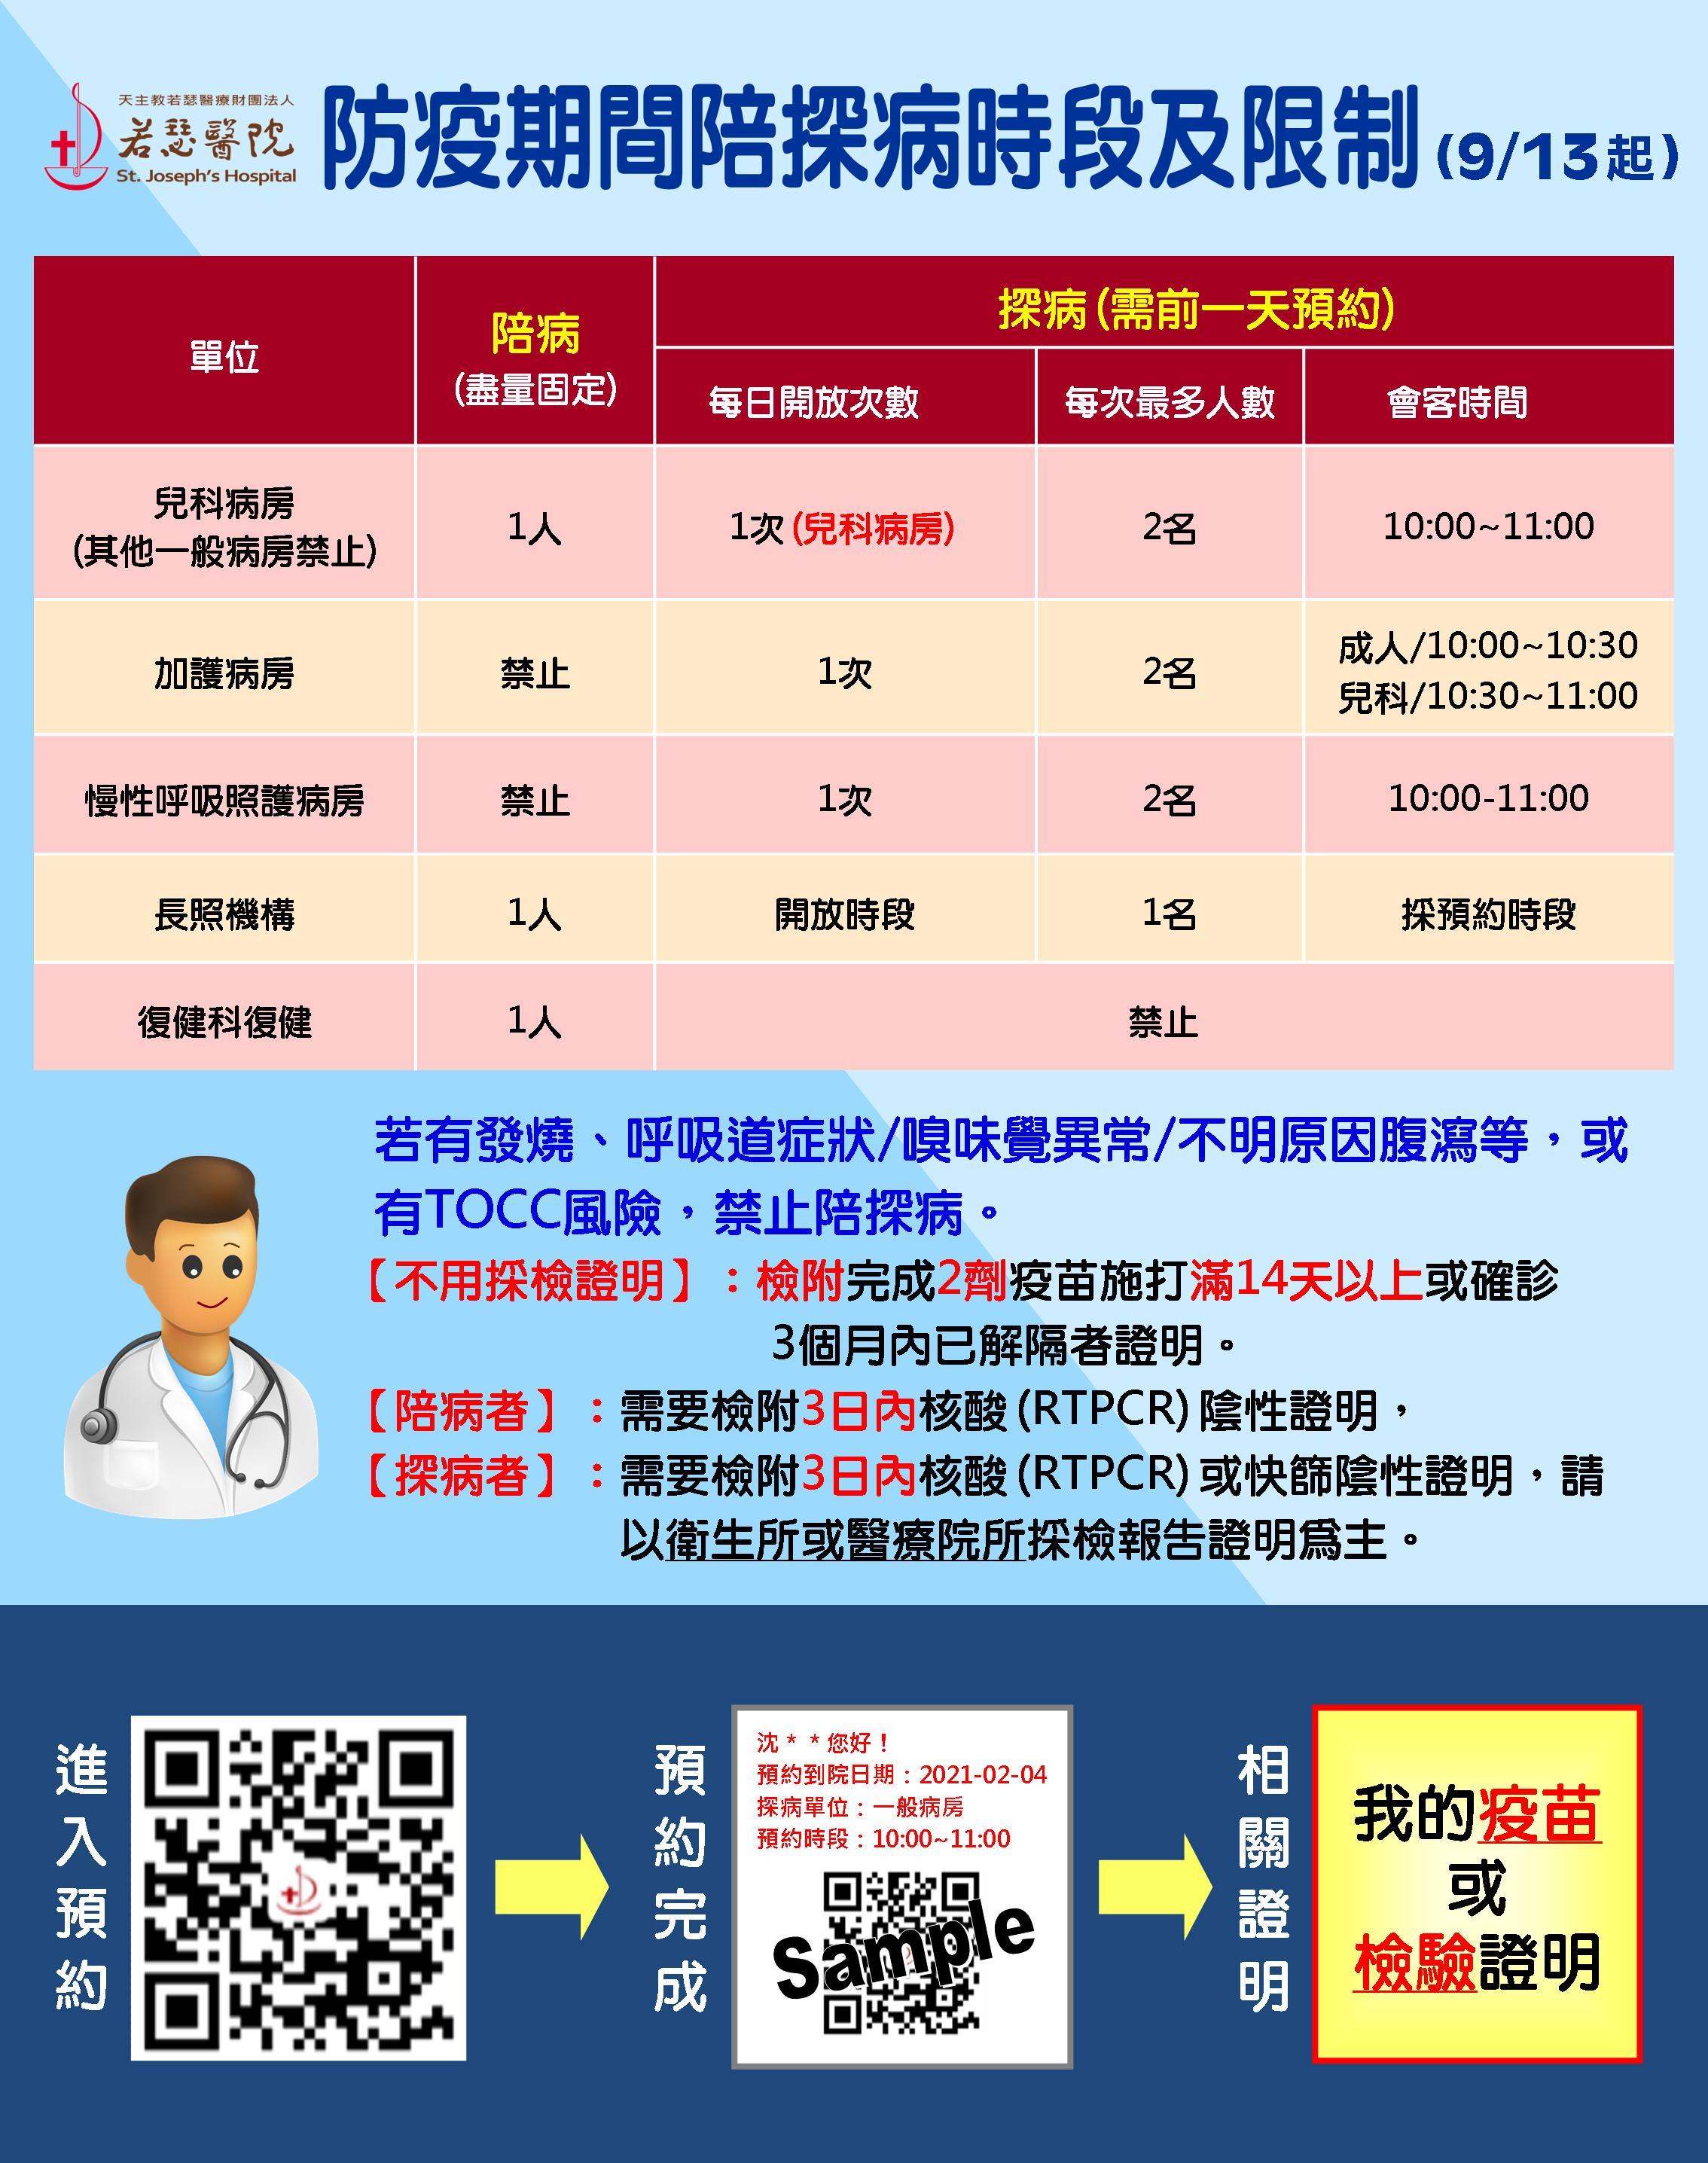 陪訪客時段(9月13日).jpg